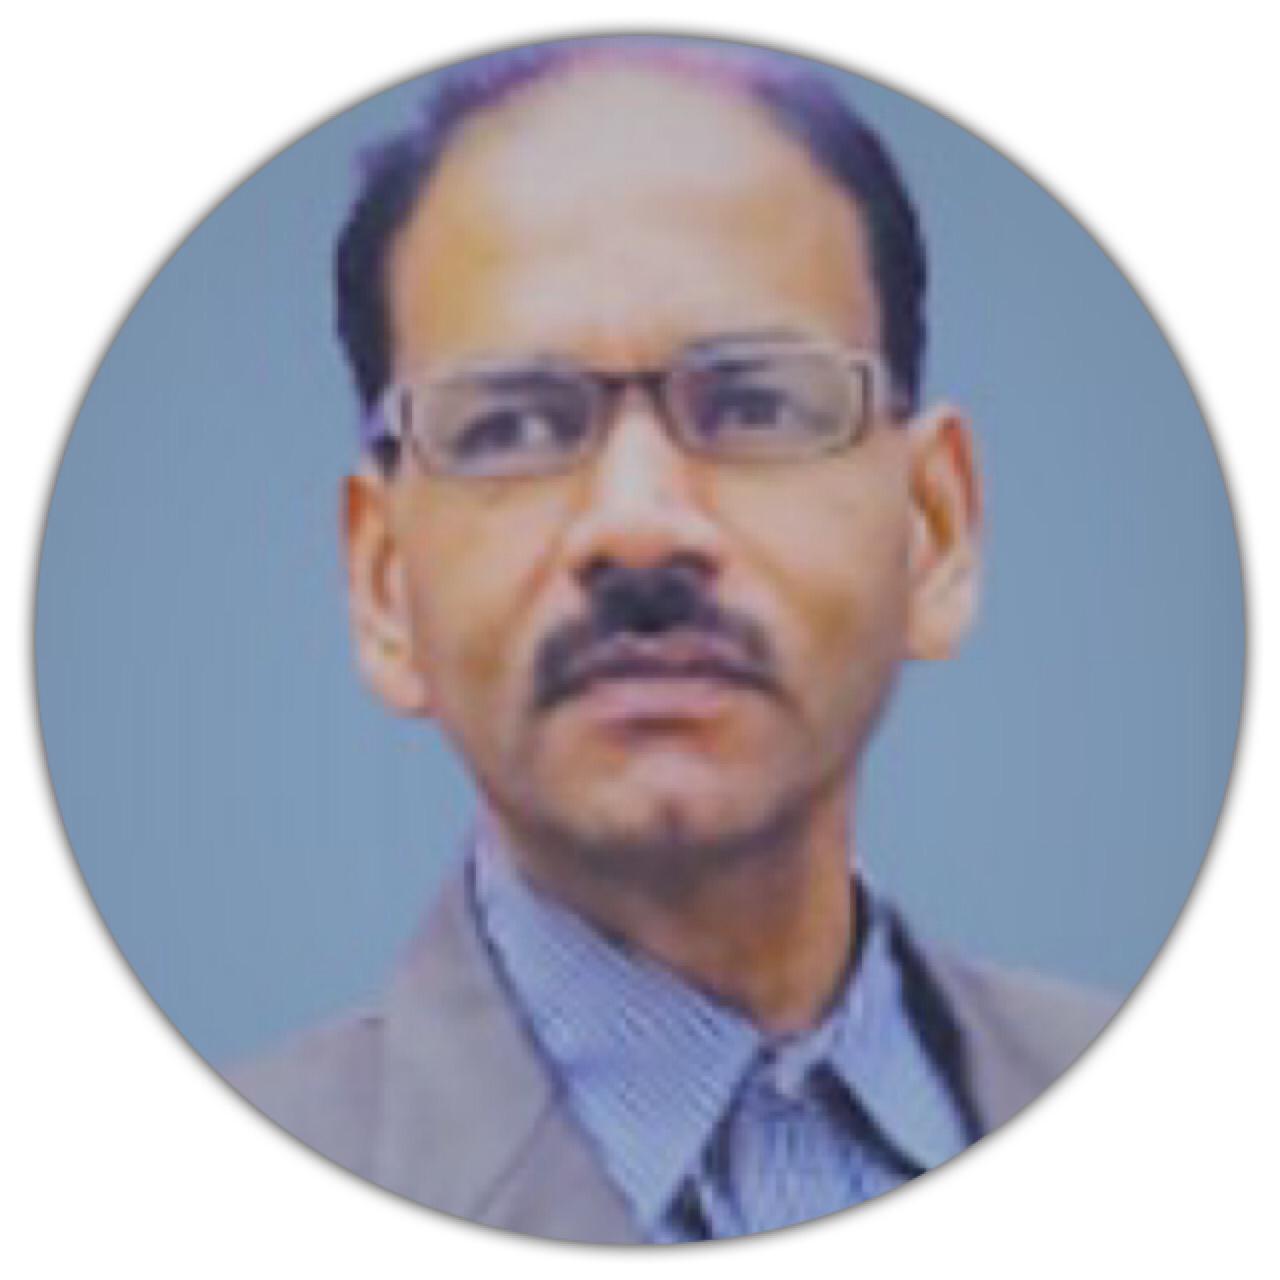 திரு. தம்பிஐயா வாசன்